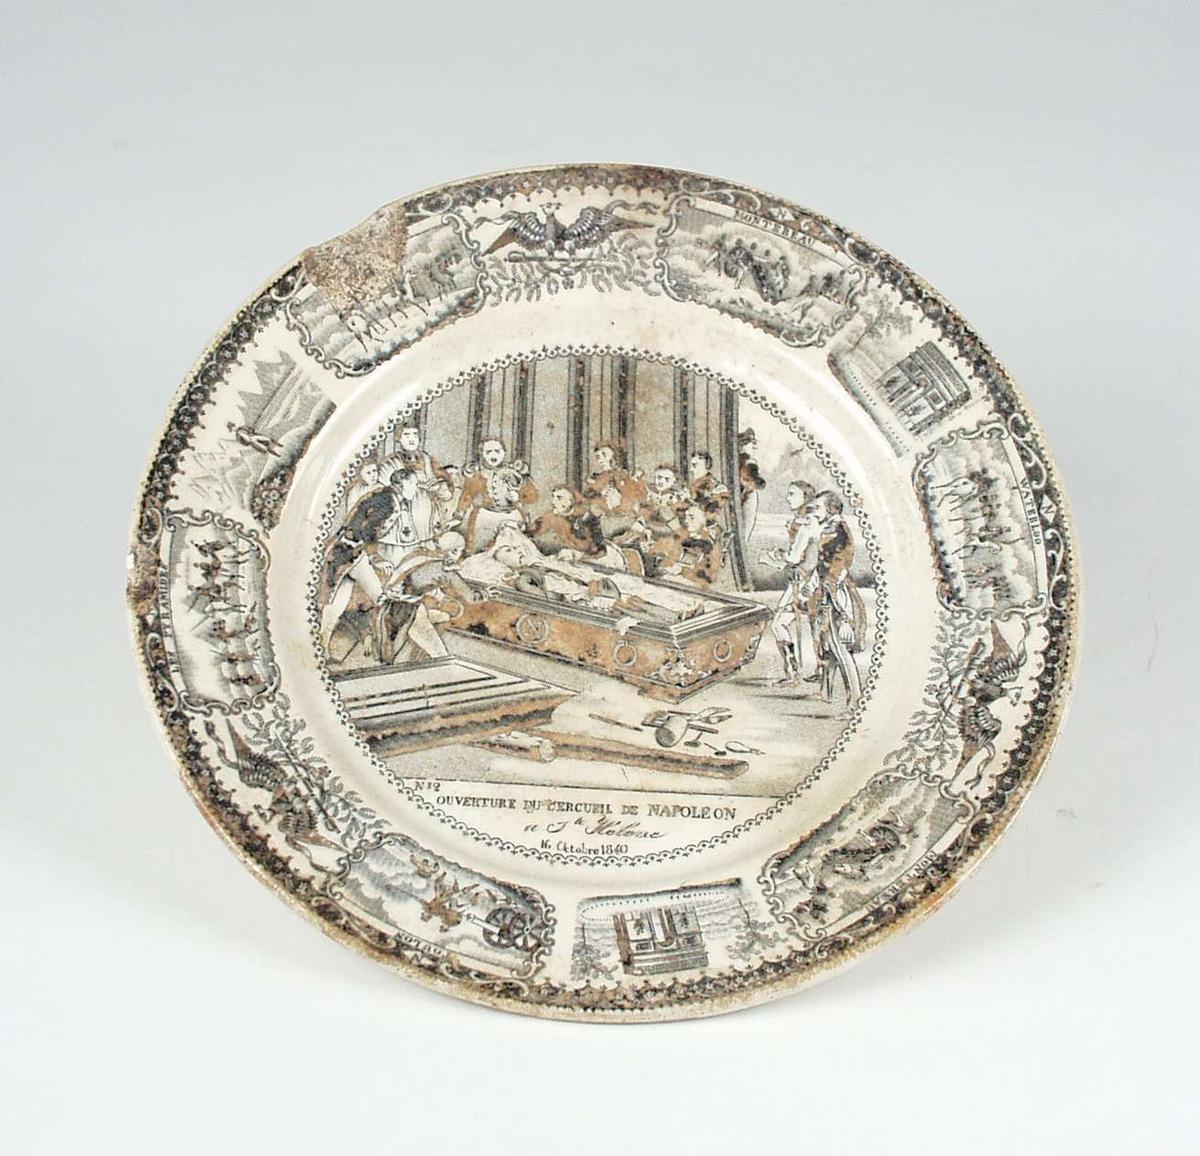 Tallerken med dekor. Motivene har tilknytning til Napoleon. Materiale er 'porcelaine opaque'.